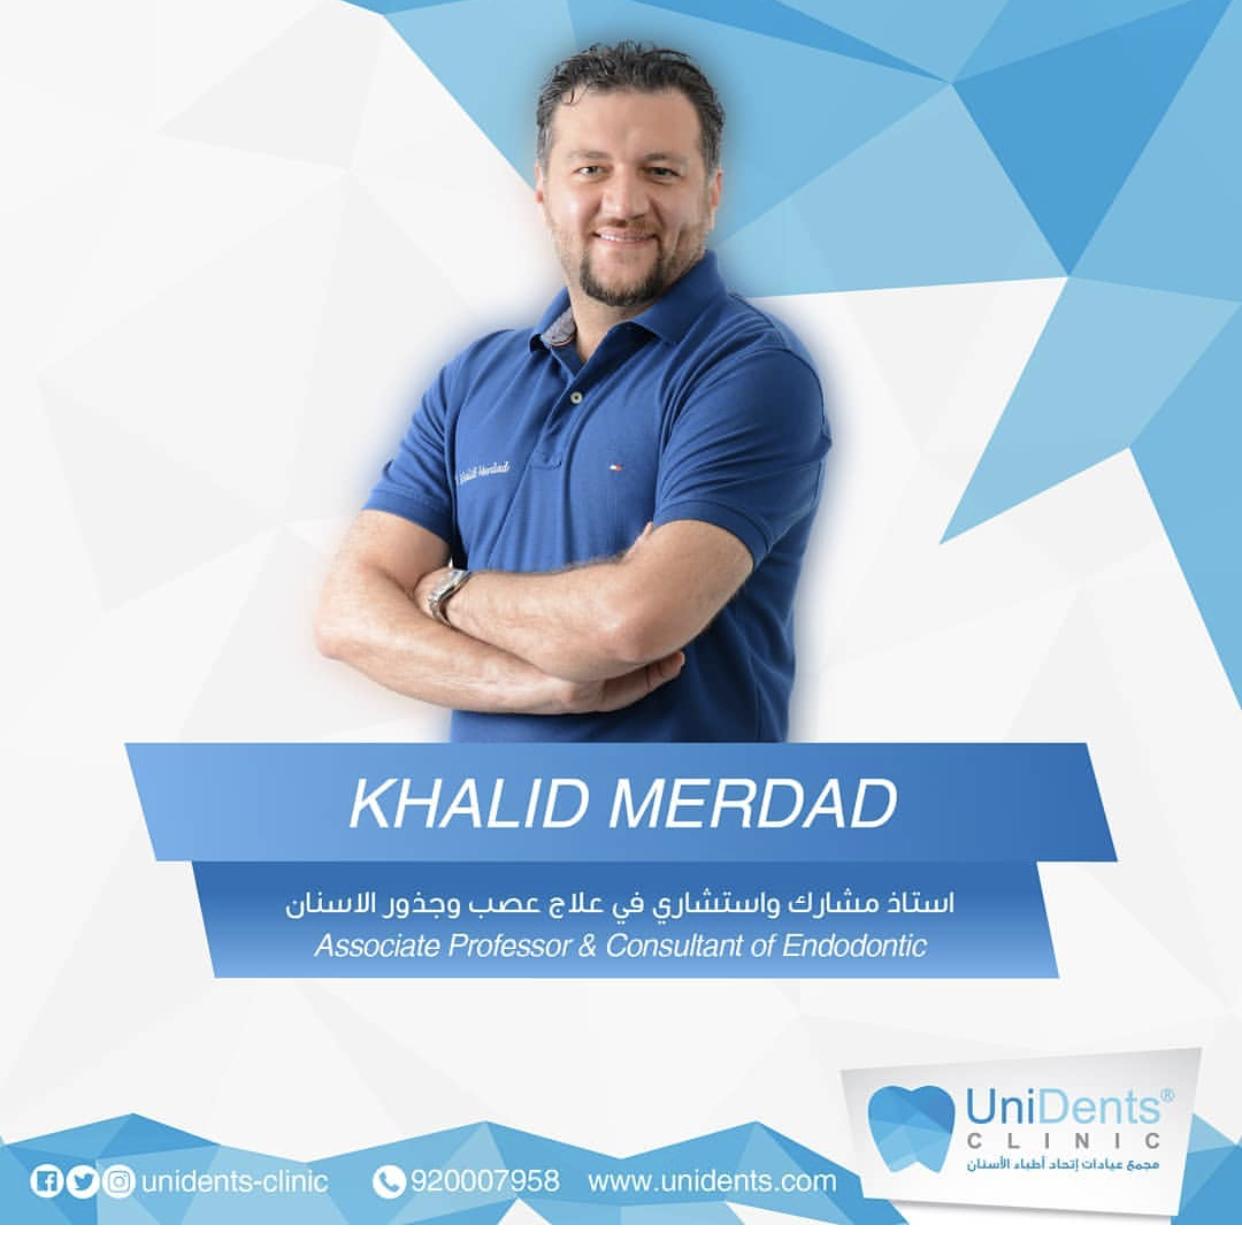 دكتور خالد مرداد الأسنان